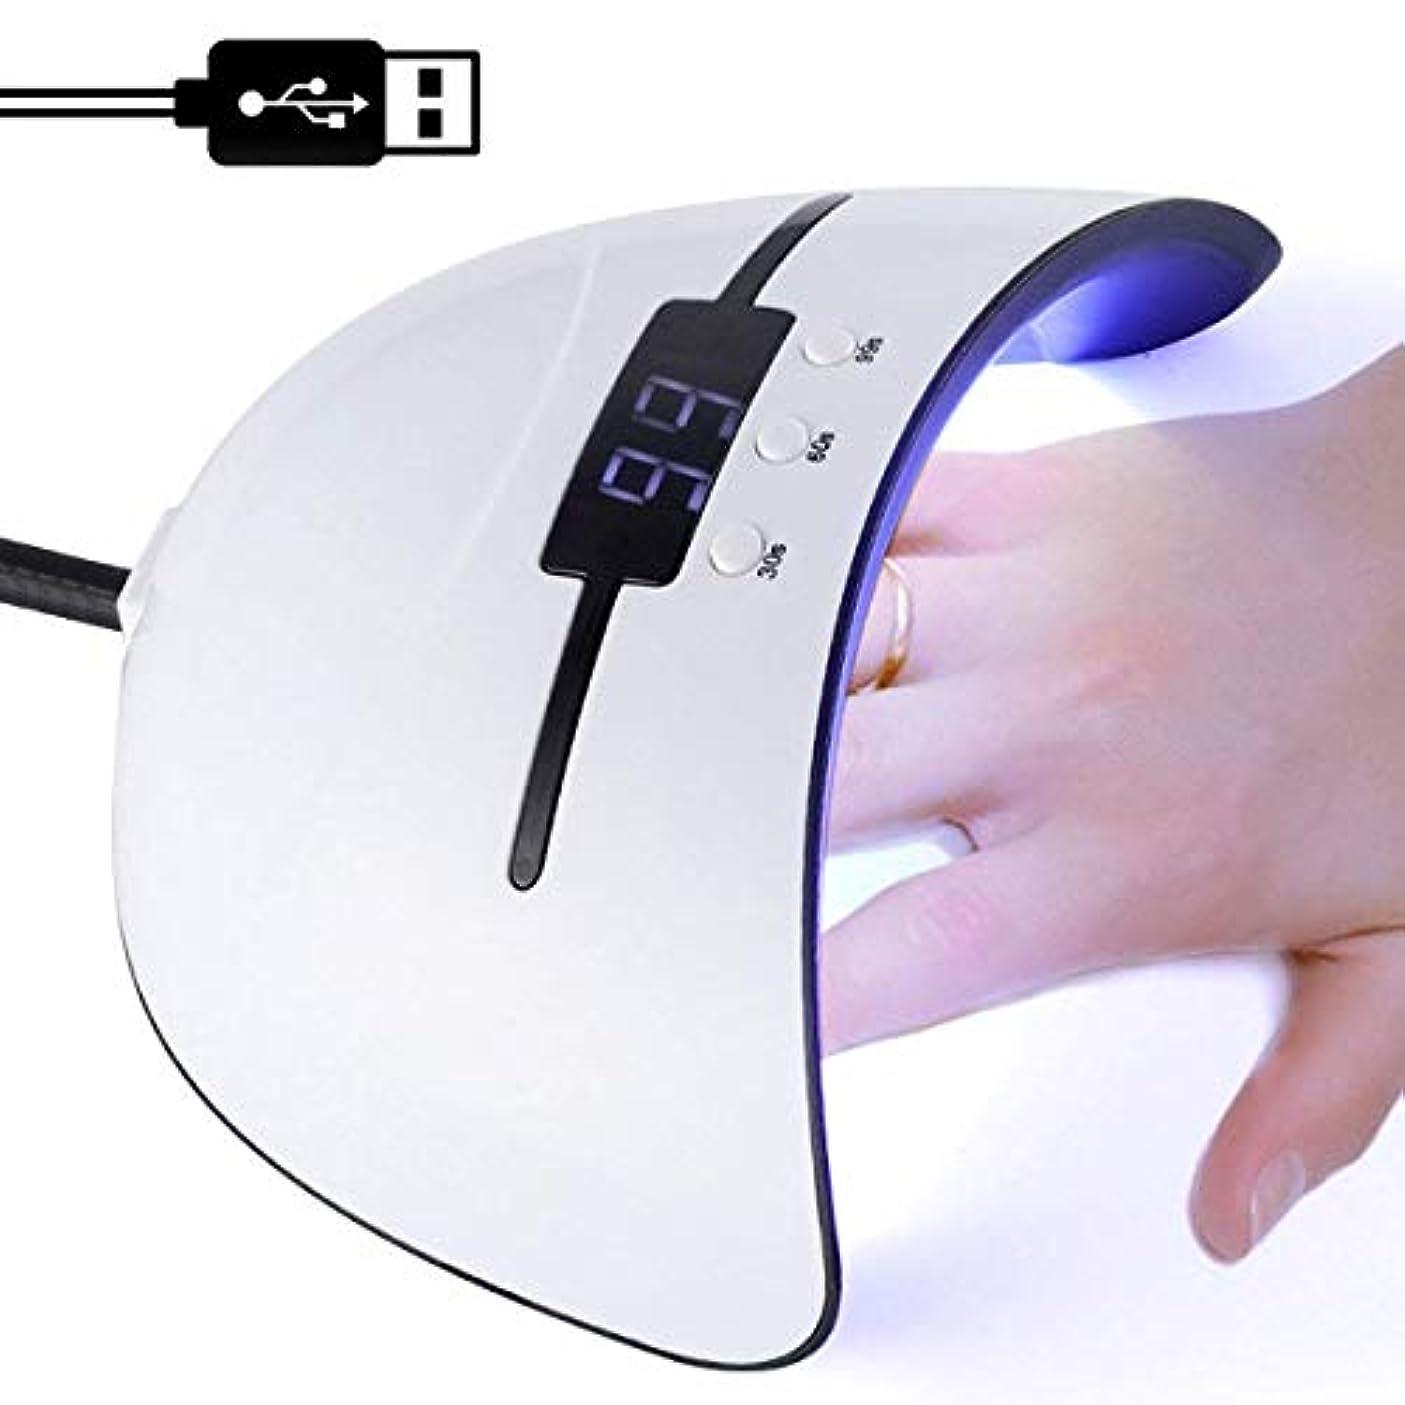 解放育成アストロラーベネイルドライヤー 硬化用ライト 36w 美肌搭載 爪の薄い女性でも安心 液晶モニター センサーが感知 全ジェル対応 LED UV ネイルライト